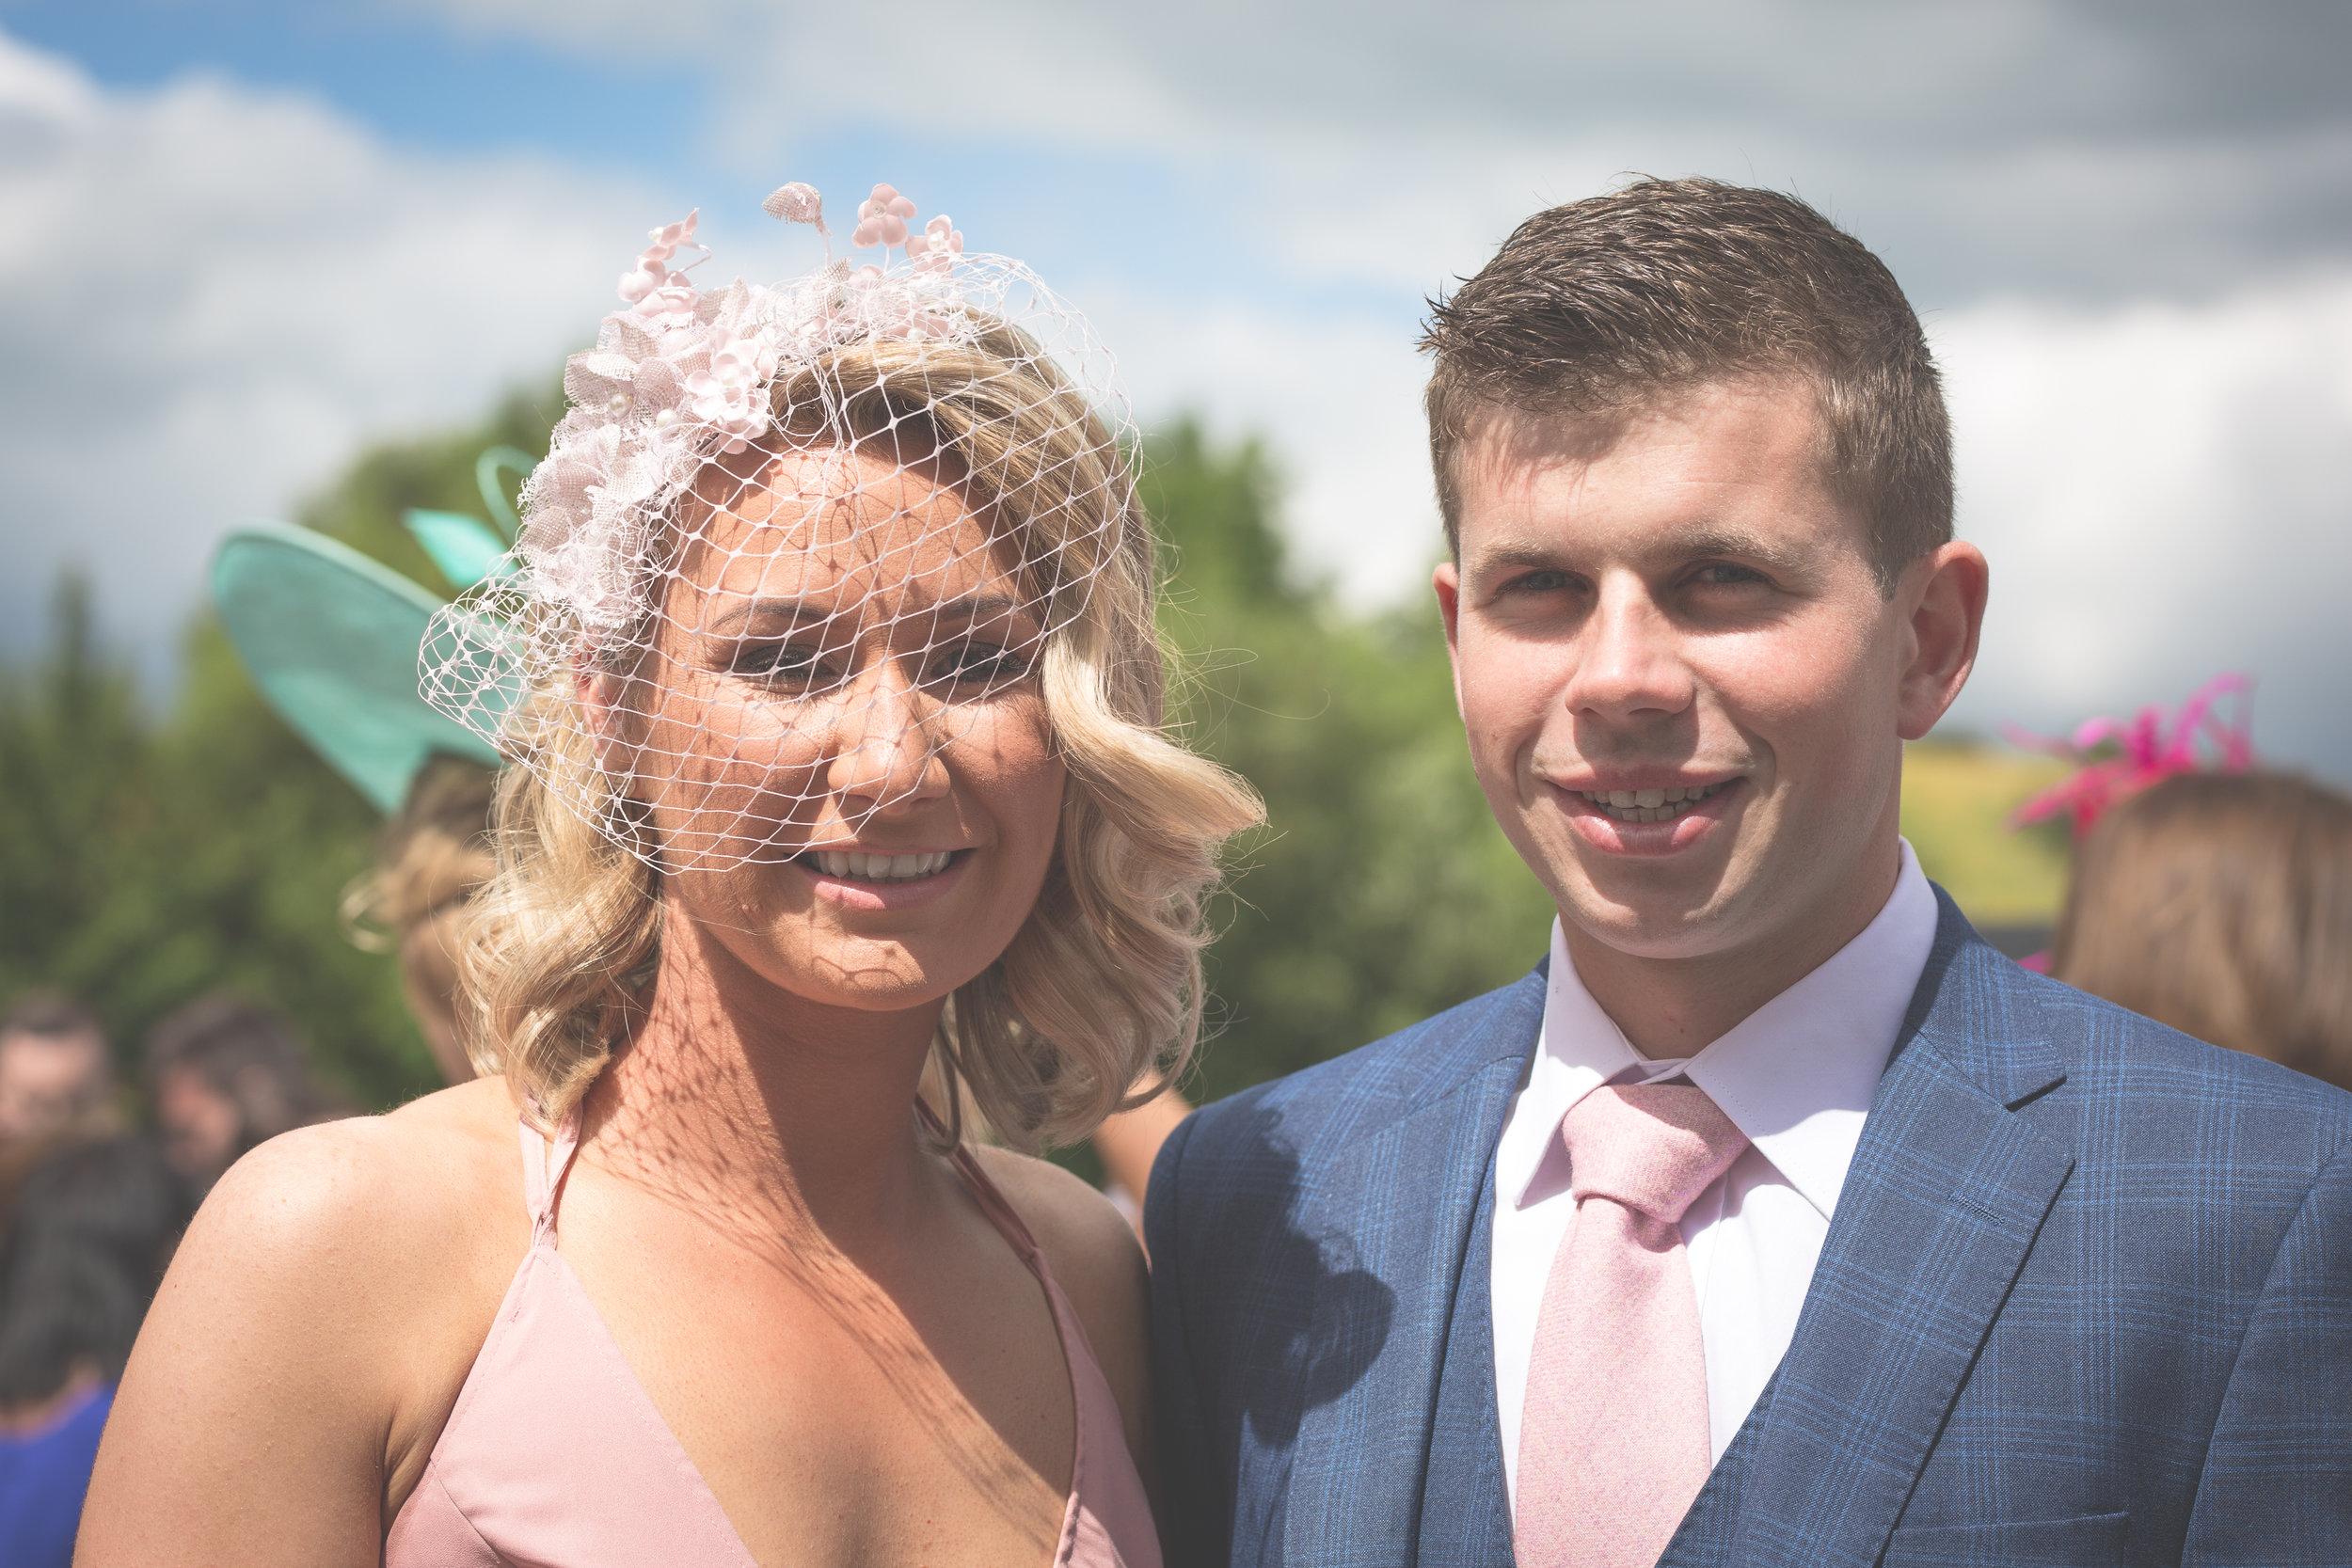 Brian McEwan Wedding Photography   Carol-Anne & Sean   The Ceremony-145.jpg